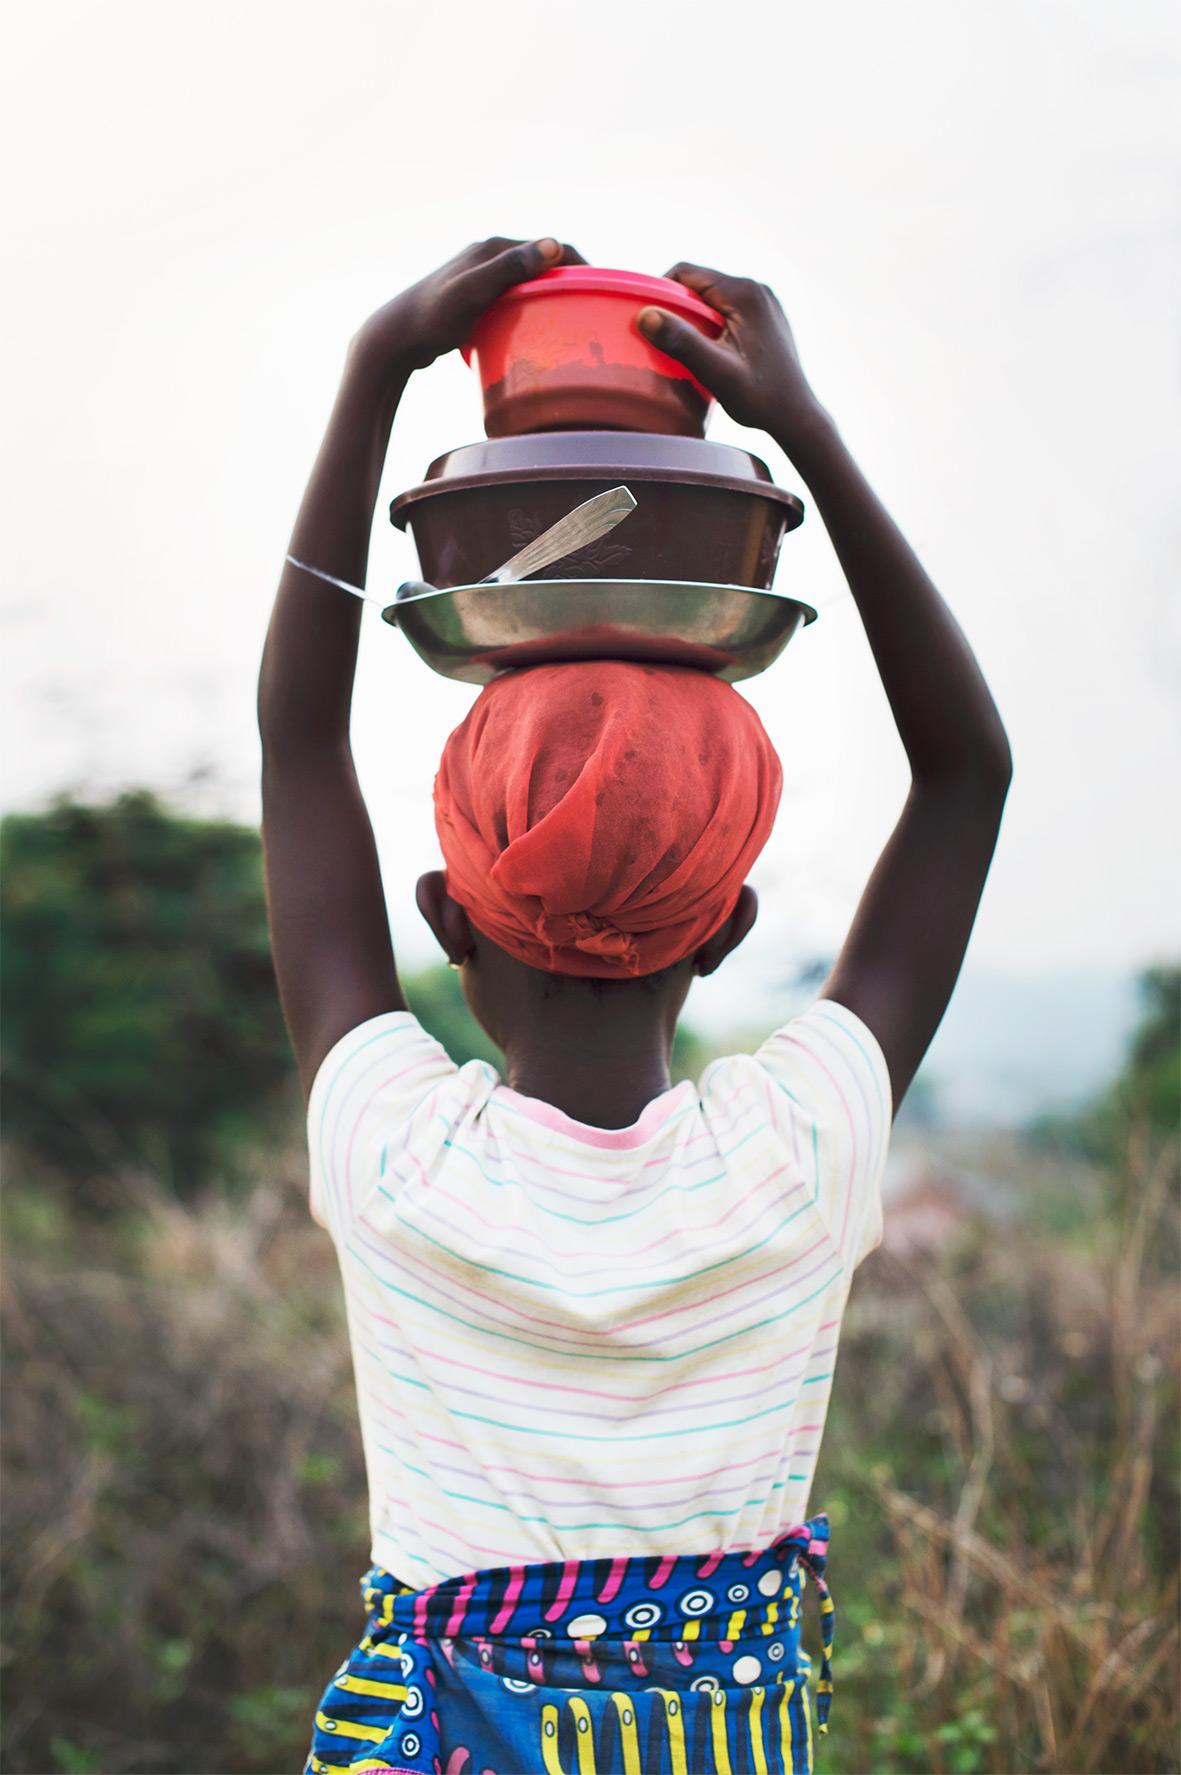 Leben in Afrika, das Bild aus Afrika erhältlich im Onlineshop